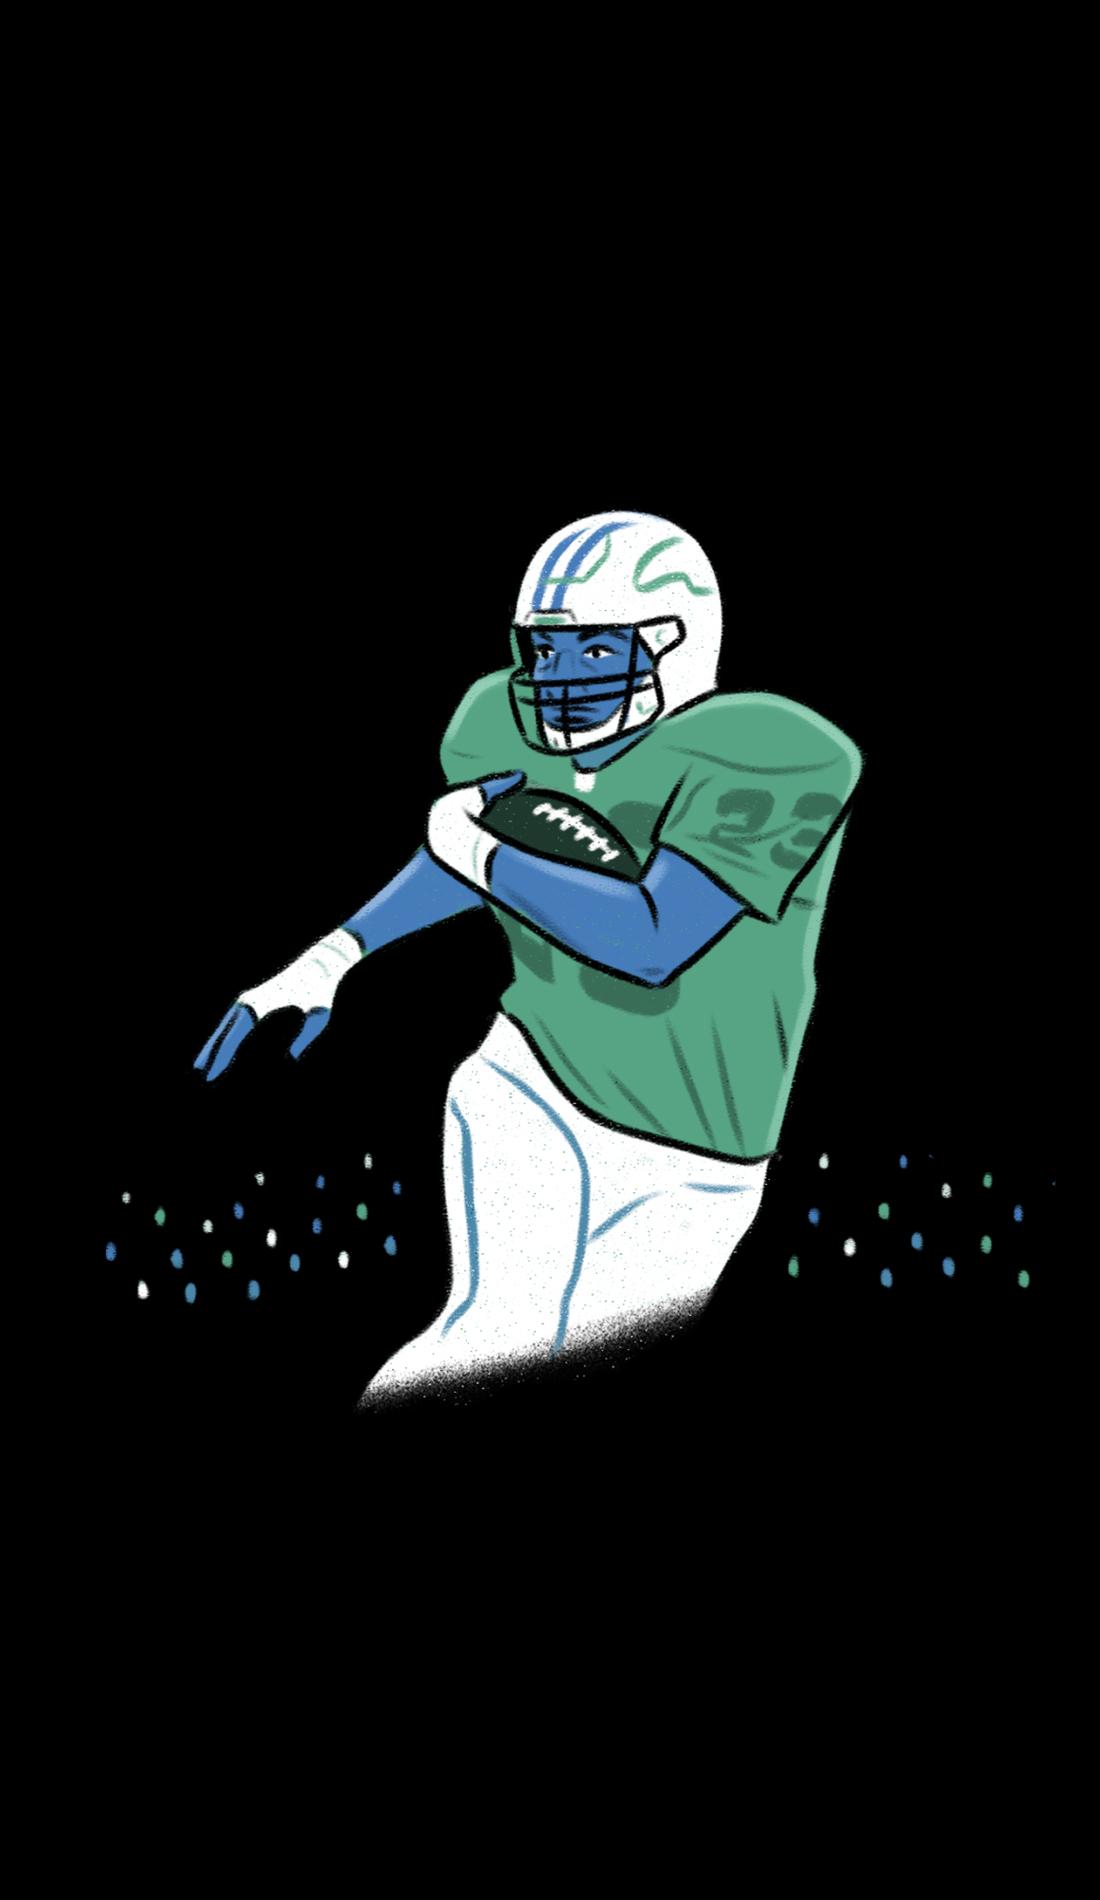 A Idaho Vandals Football live event